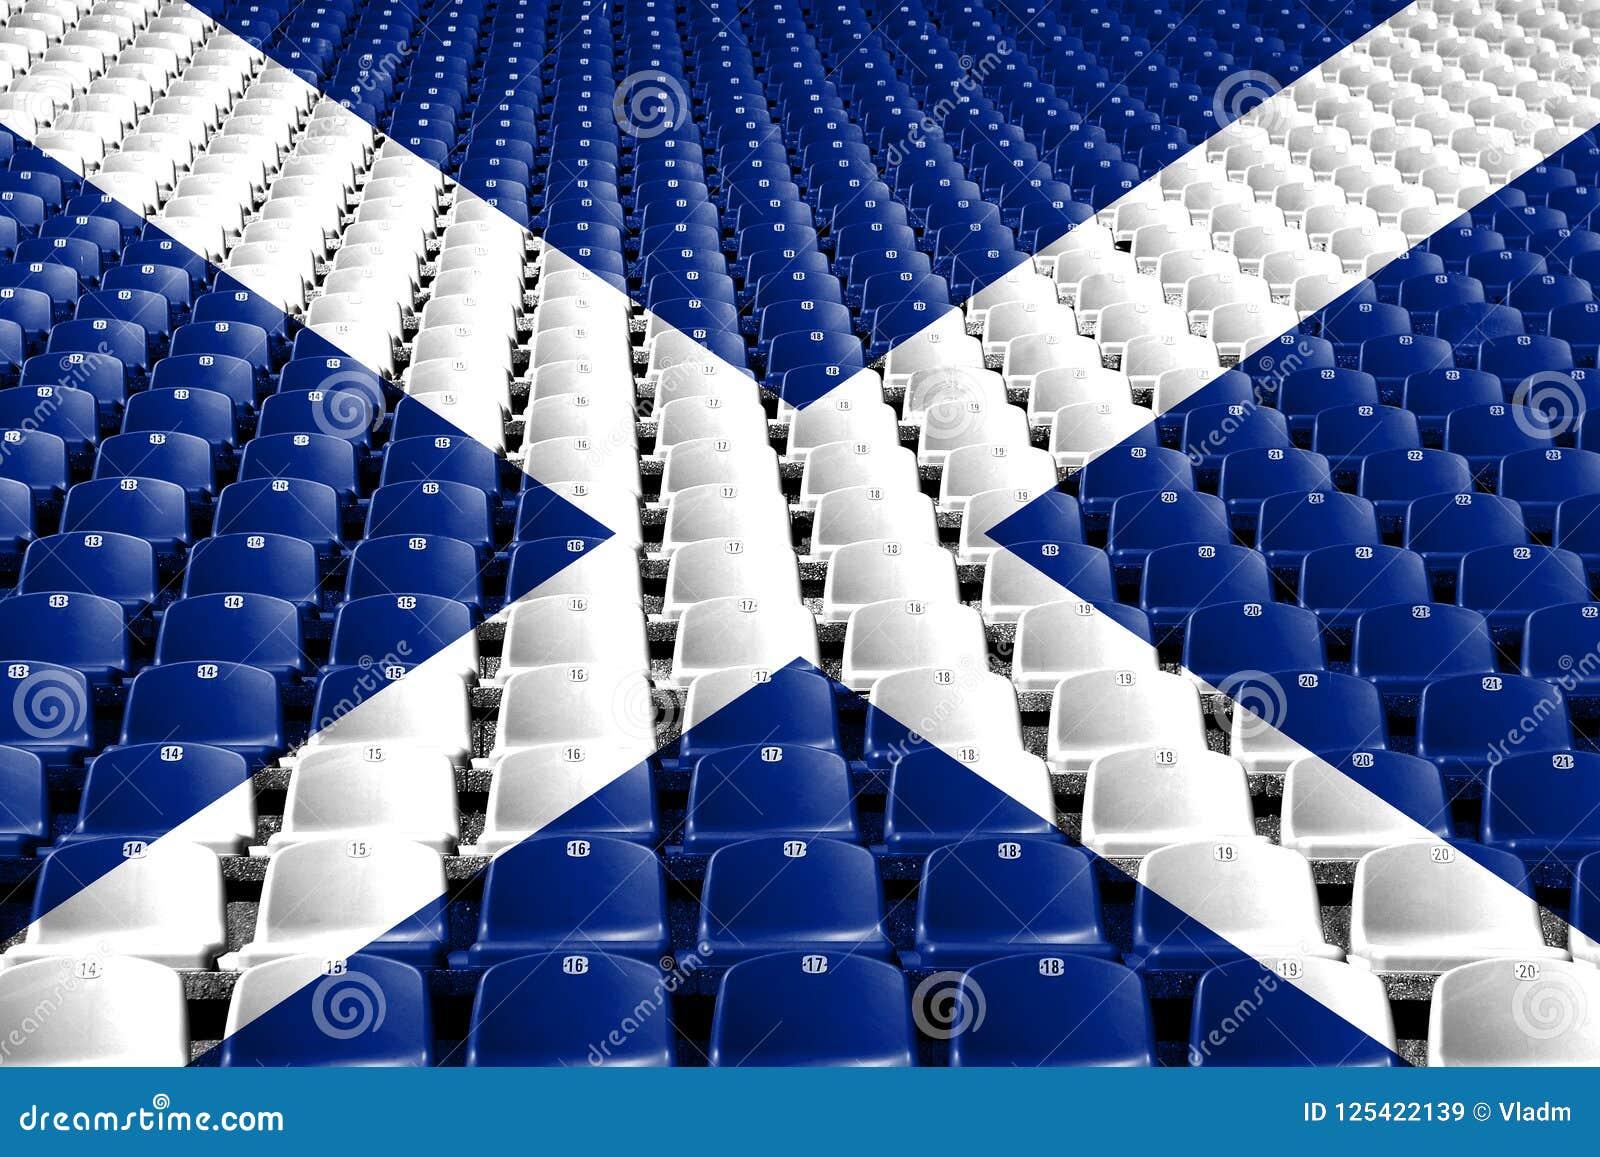 Asientos del estadio de la bandera de Escocia Concepto de la competencia de deportes